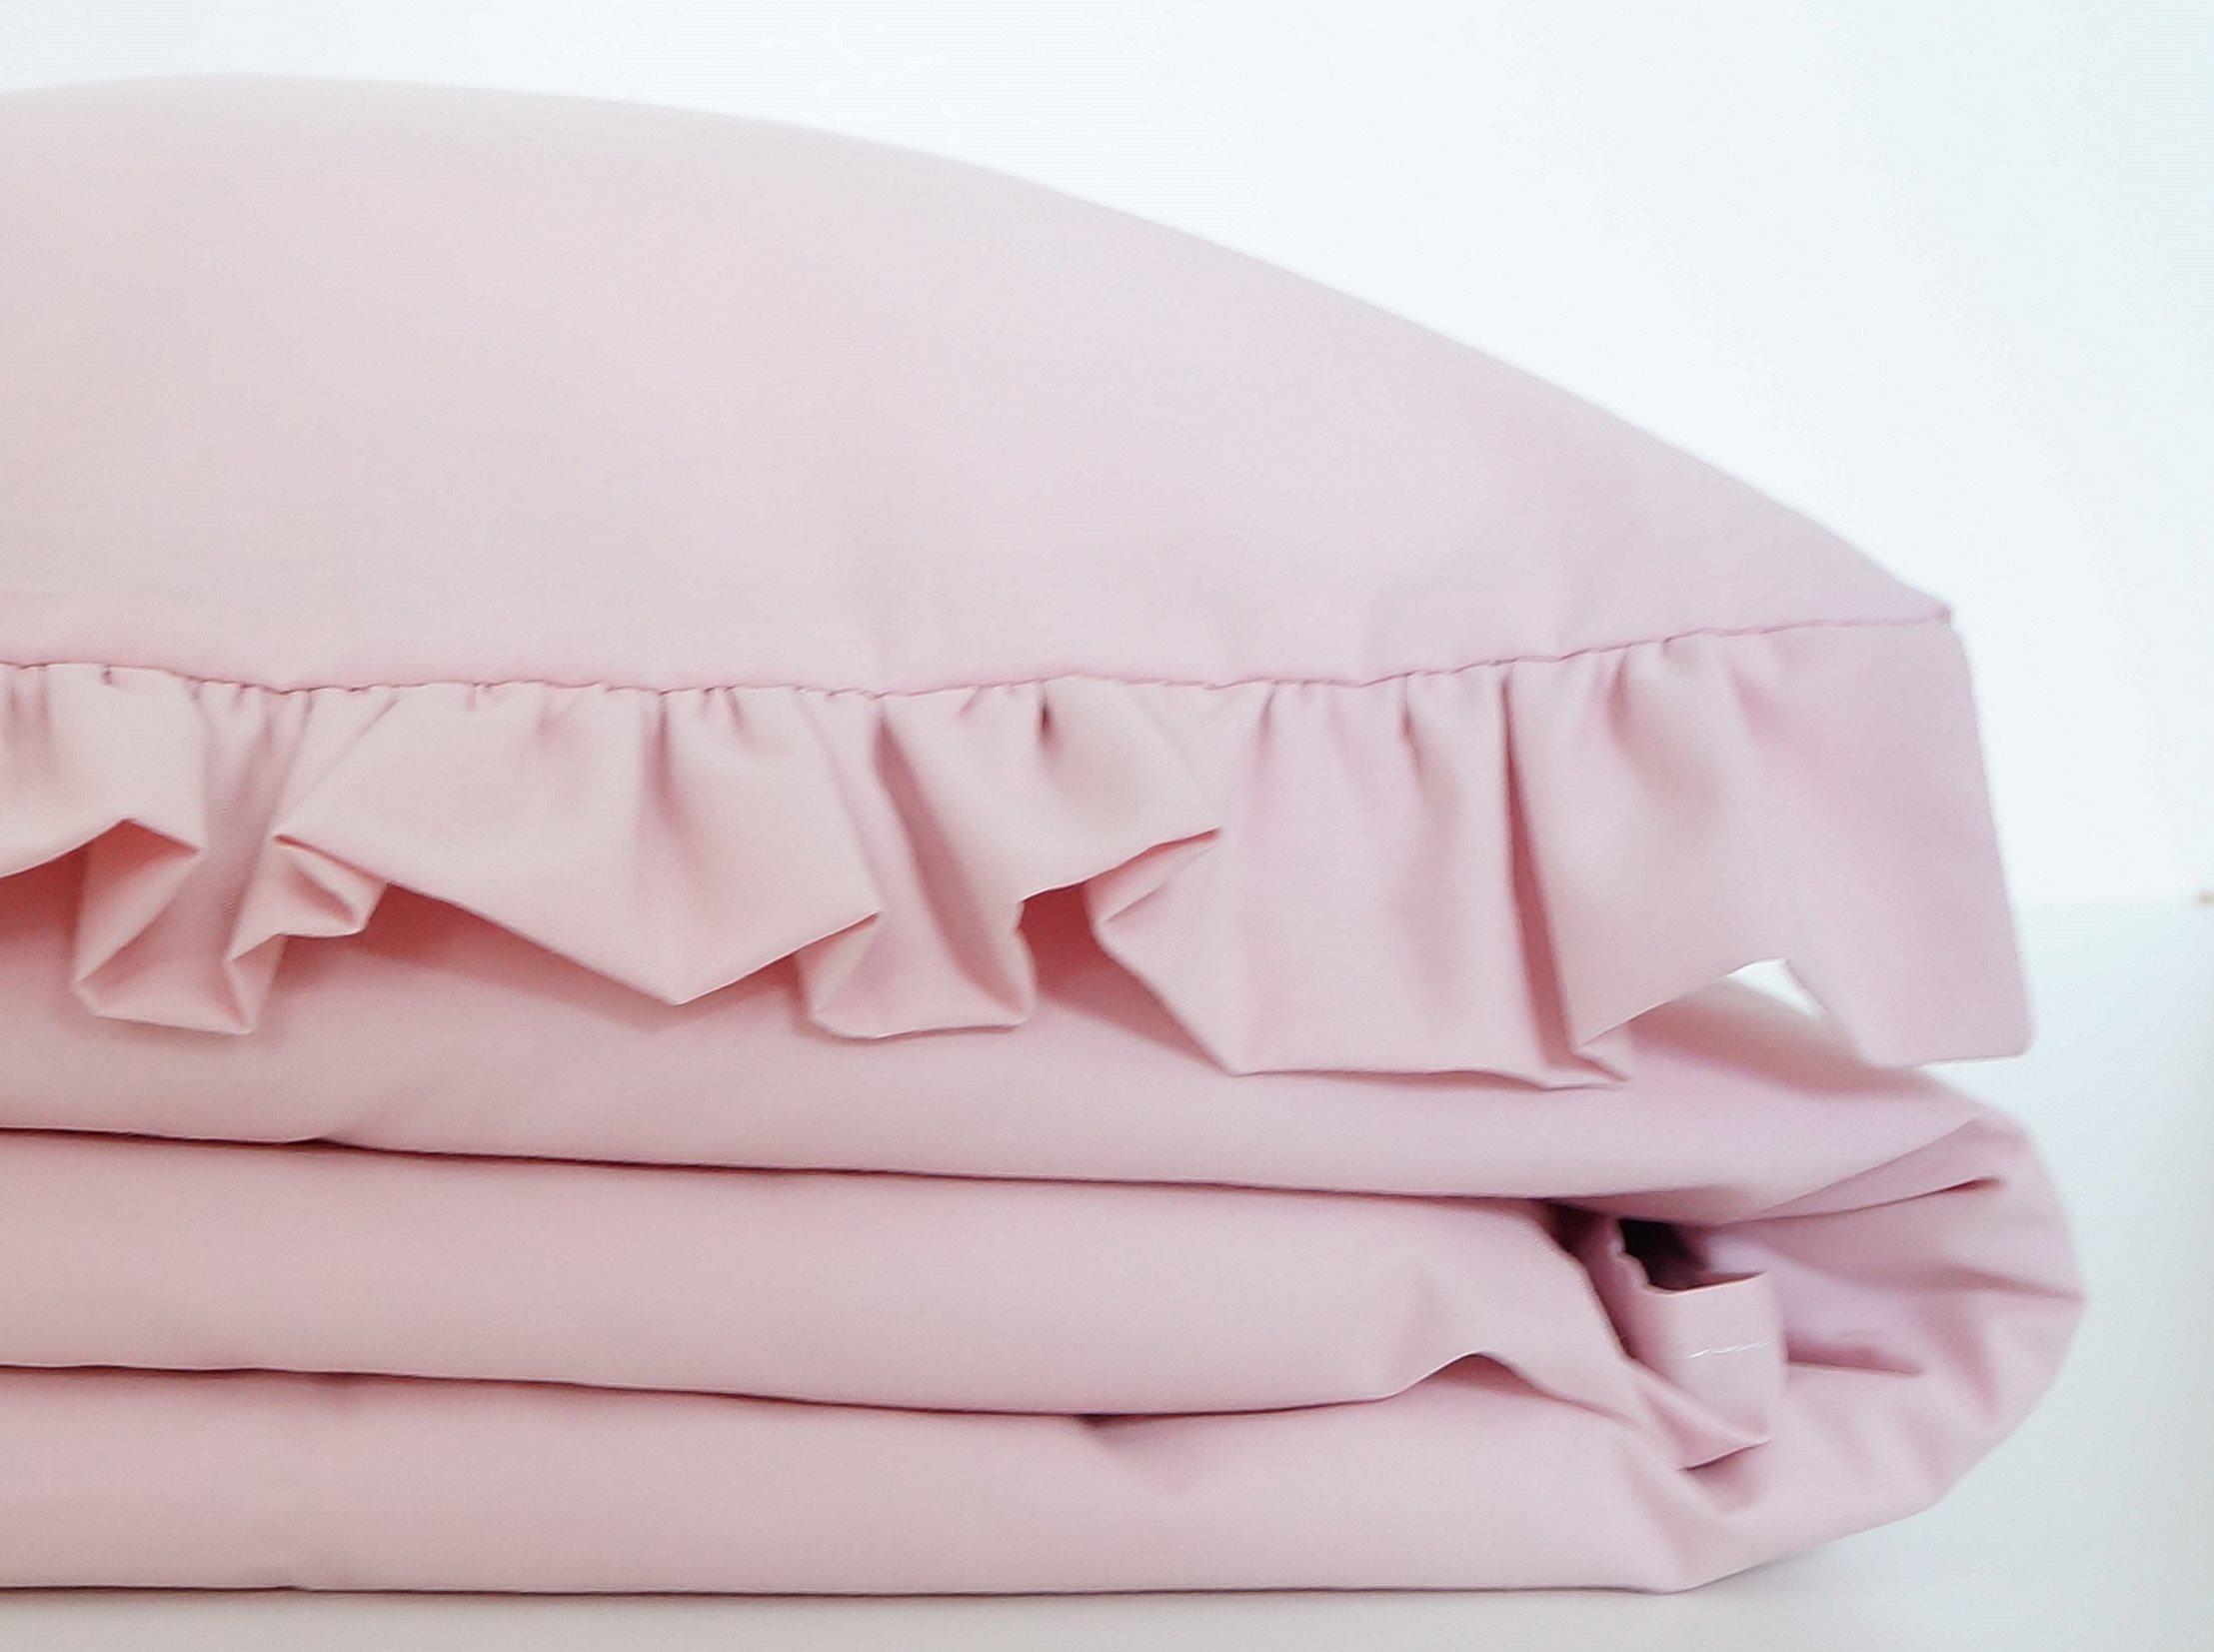 Dziecięca pościel do łóżeczka w kolorze pudrowy różowy z falbanką